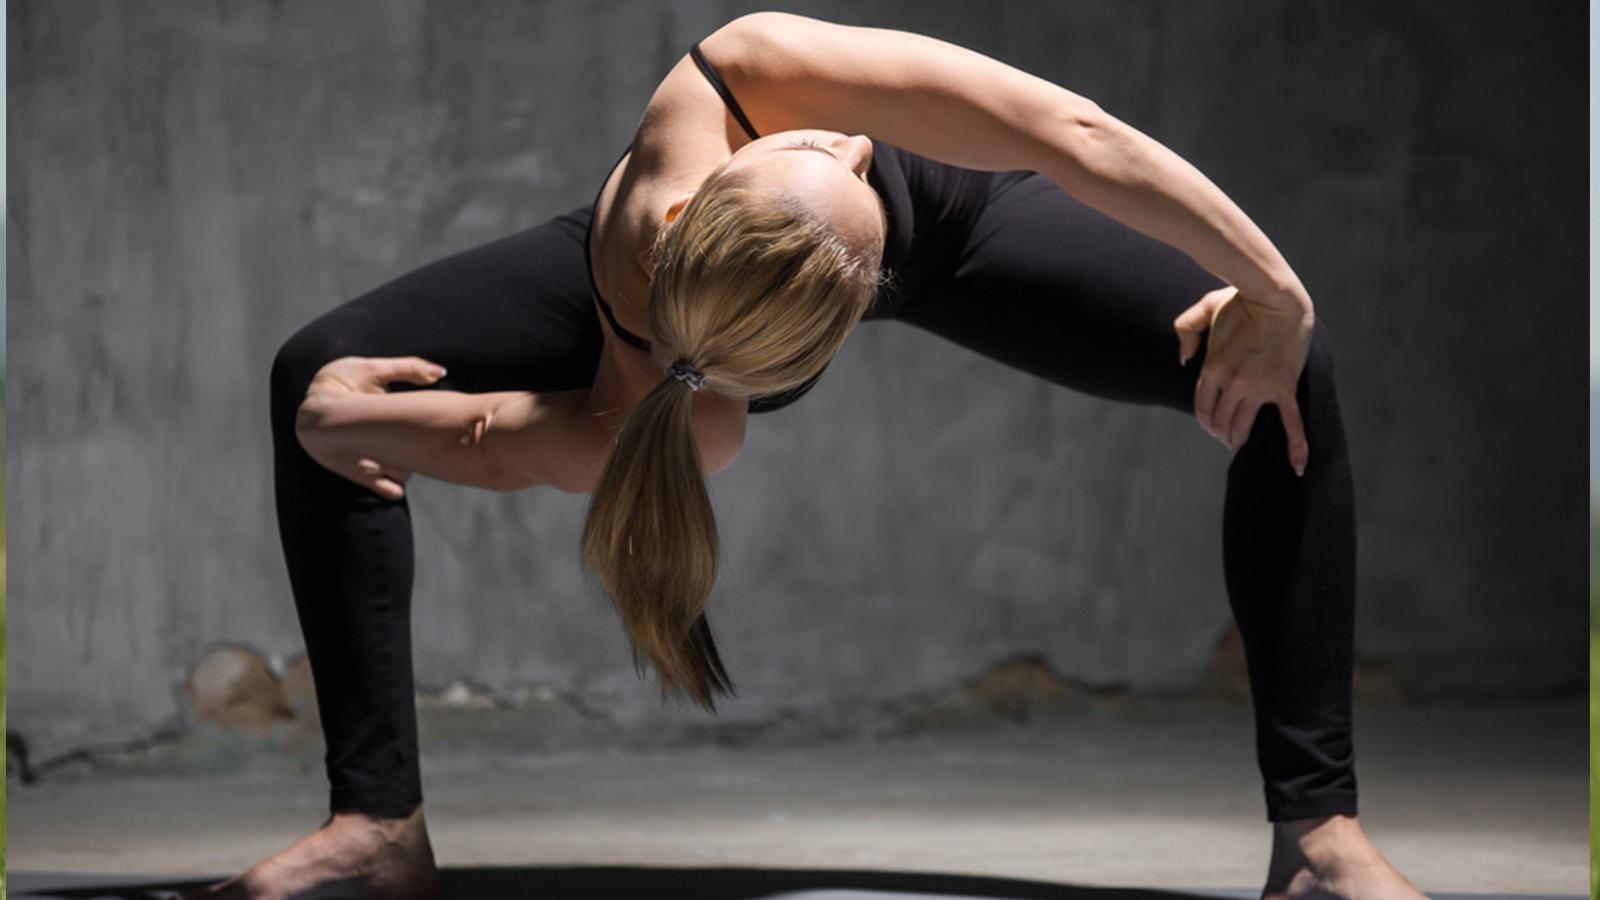 四股踏みダイエットが想像以上の効果で衝撃!今日からできる基本のやり方を紹介◎